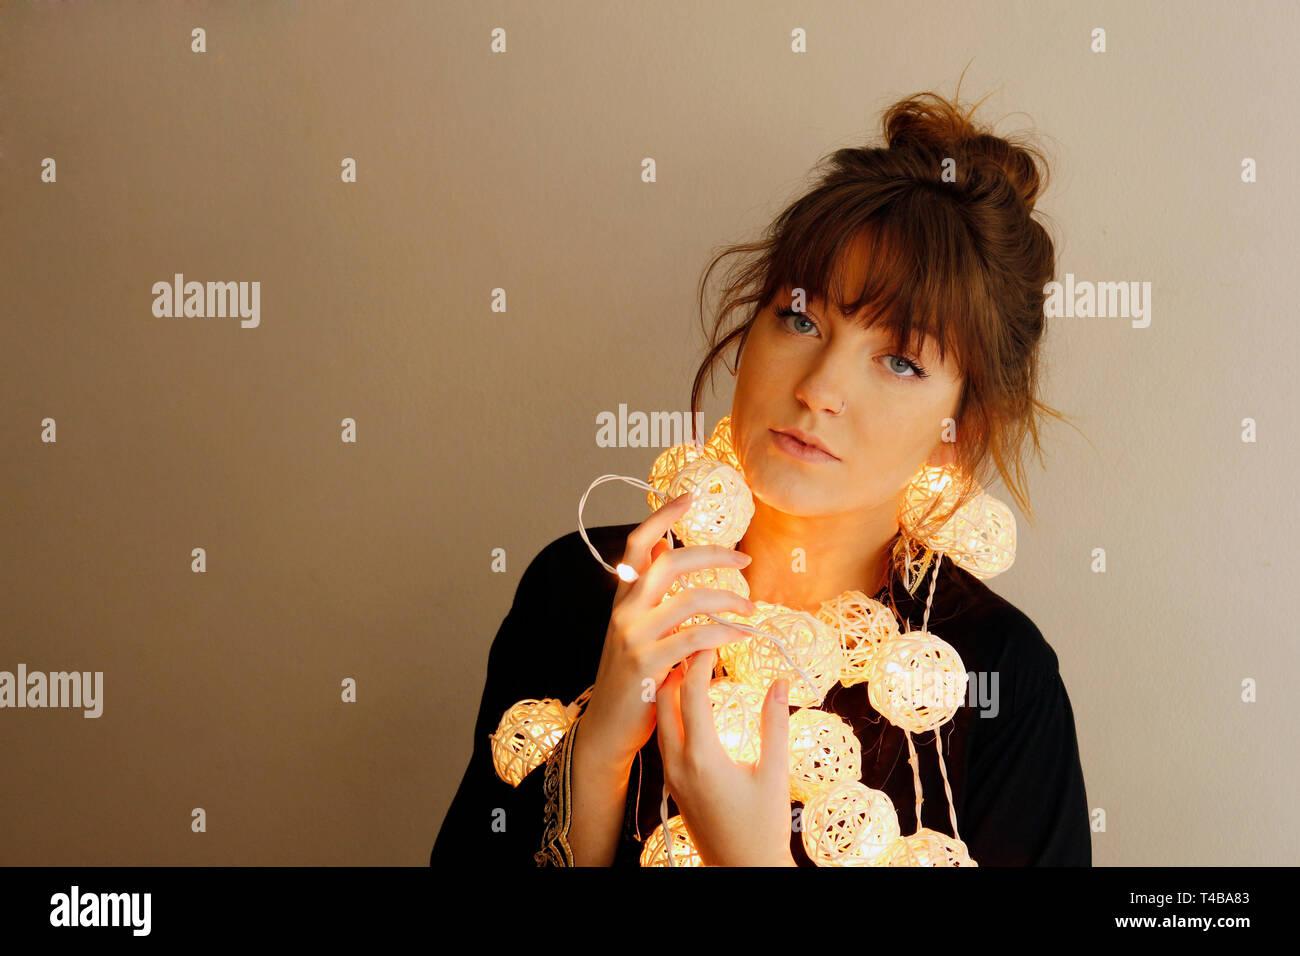 Una jovencita juega con bolas de luces junto a su cara. Parece grave en la cámara. Ella es muy hermosa y muy potente. Imagen De Stock